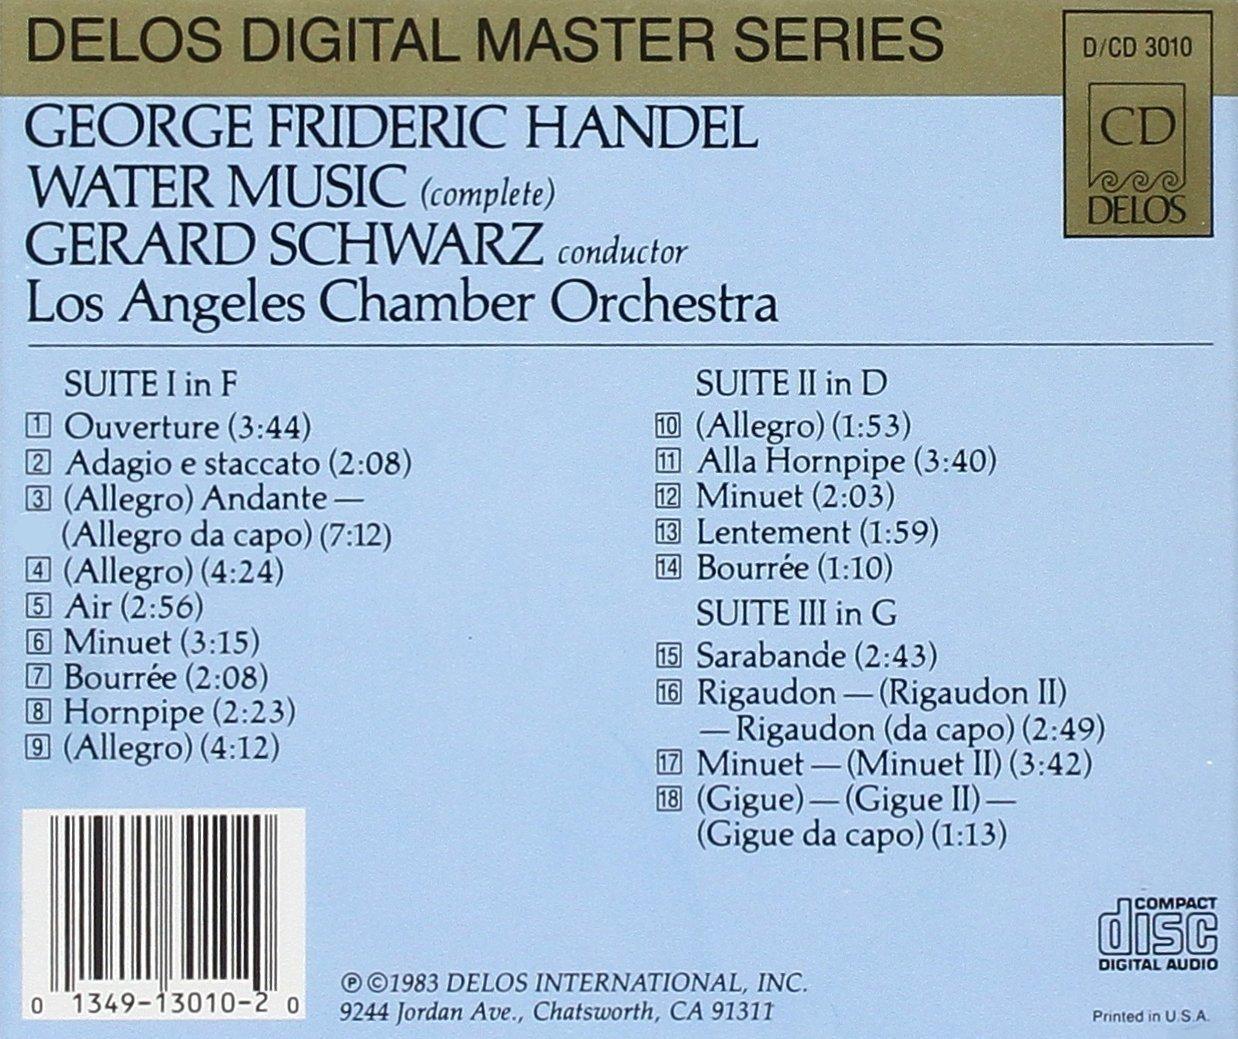 Handel, Gerard Schwarz, Los Angeles Chamber Orchestra, Susan Ranney ...